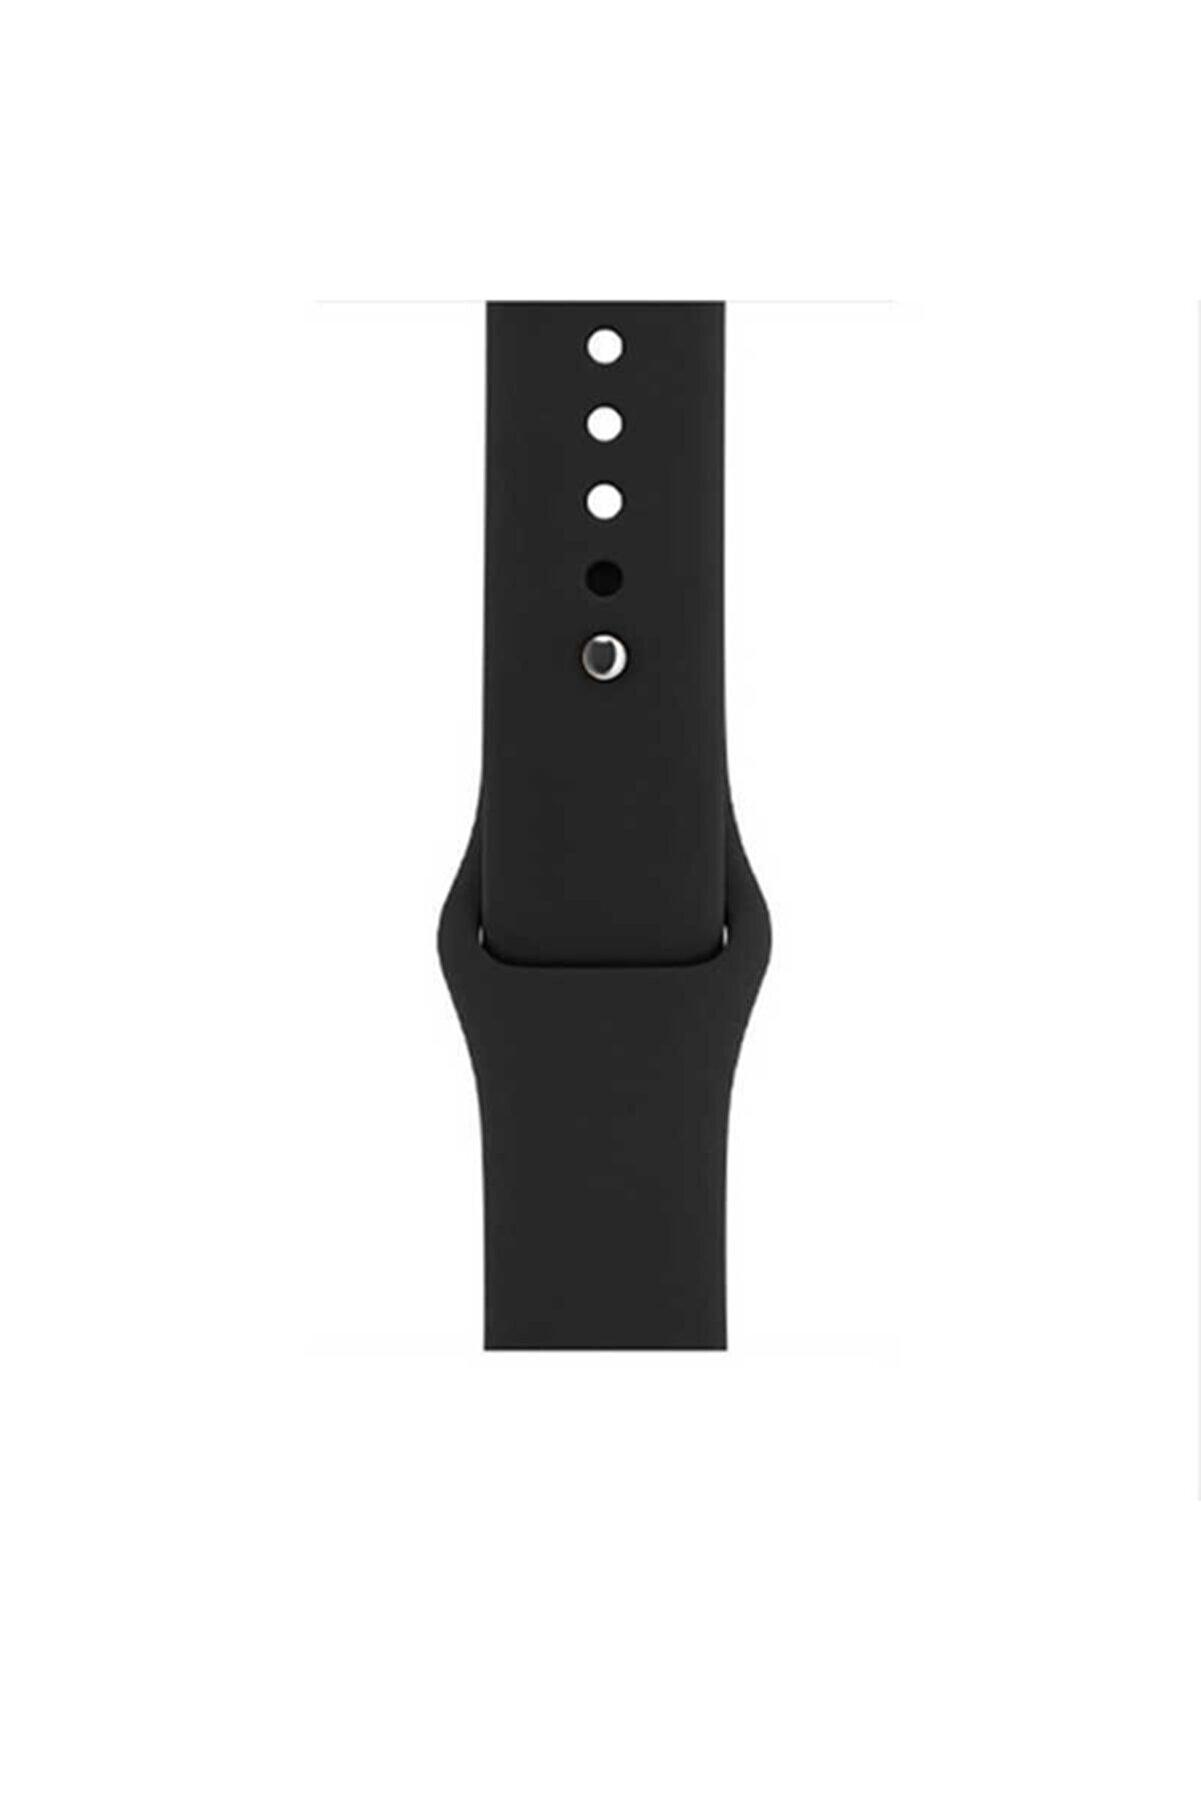 Apple Watch 3 Silikon Kordon Yumuşak Ve Pürüzsüz 42mm Klasik